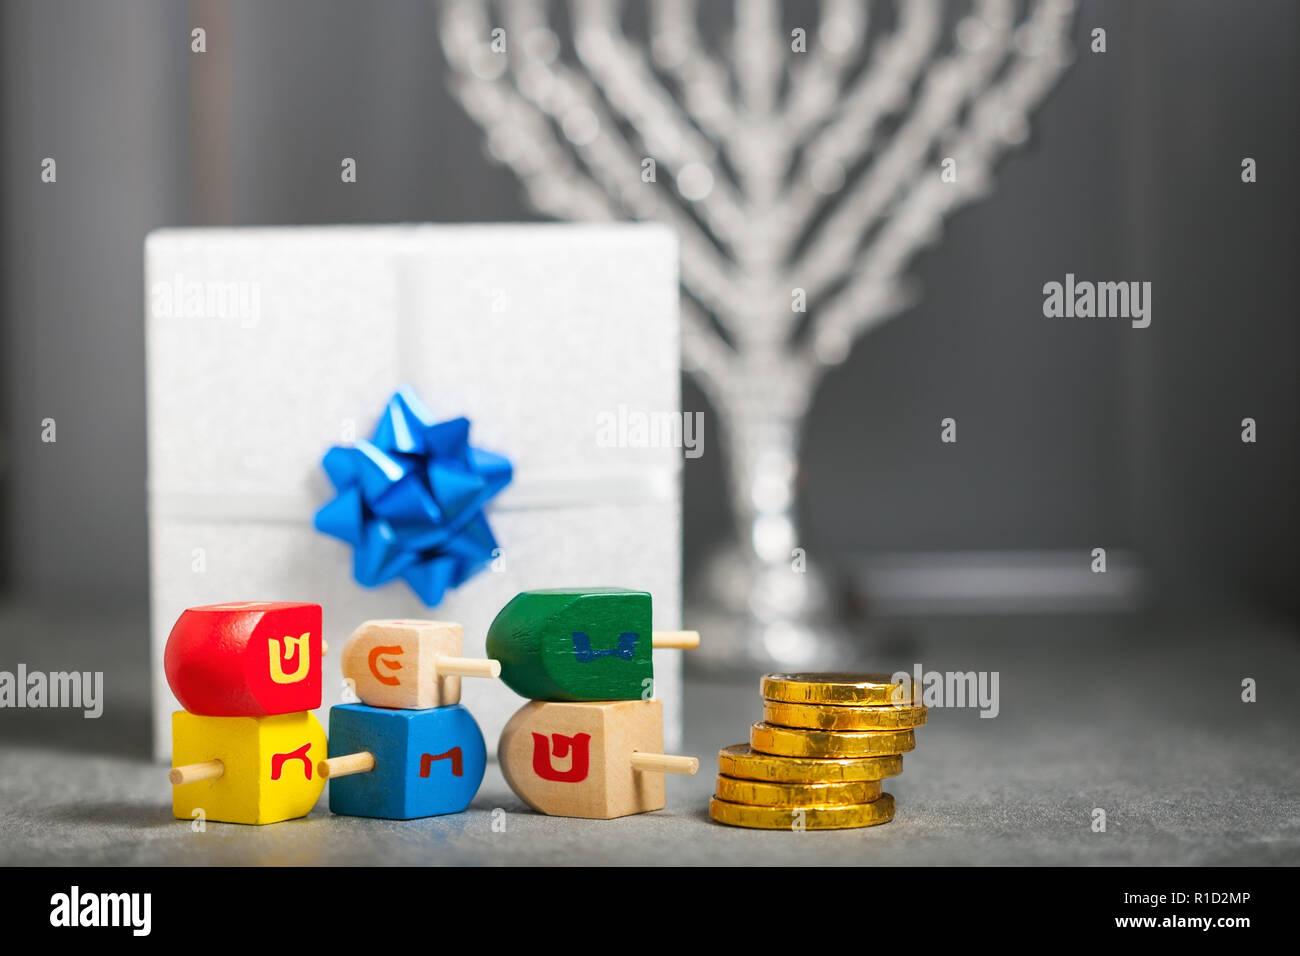 The Religious symbols of Jewish holiday Hanukkah. Stock Photo